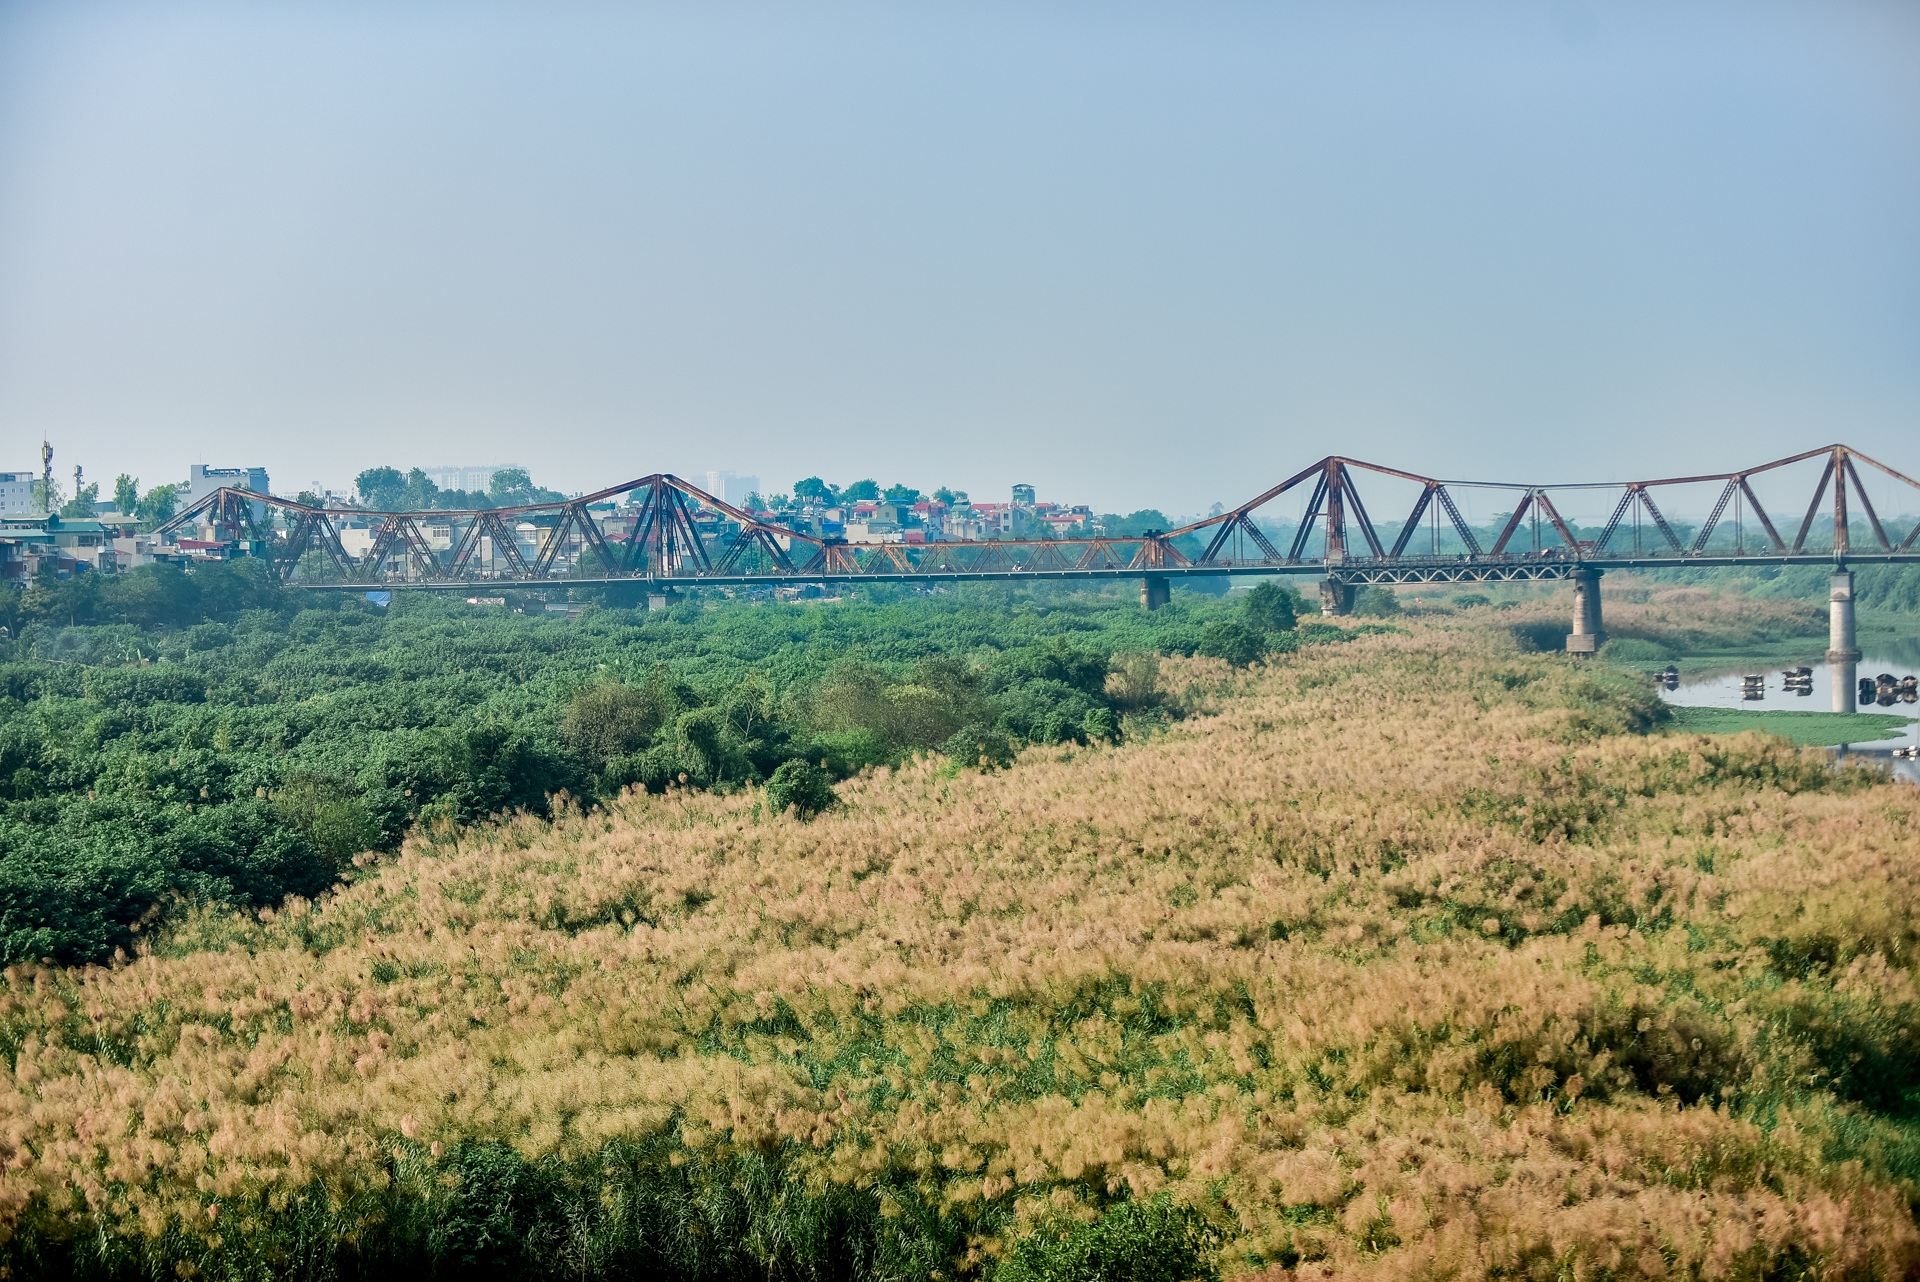 Lạc vào cánh đồng cỏ lau đẹp như xứ sở thần tiên dưới chân cầu Long Biên - 9